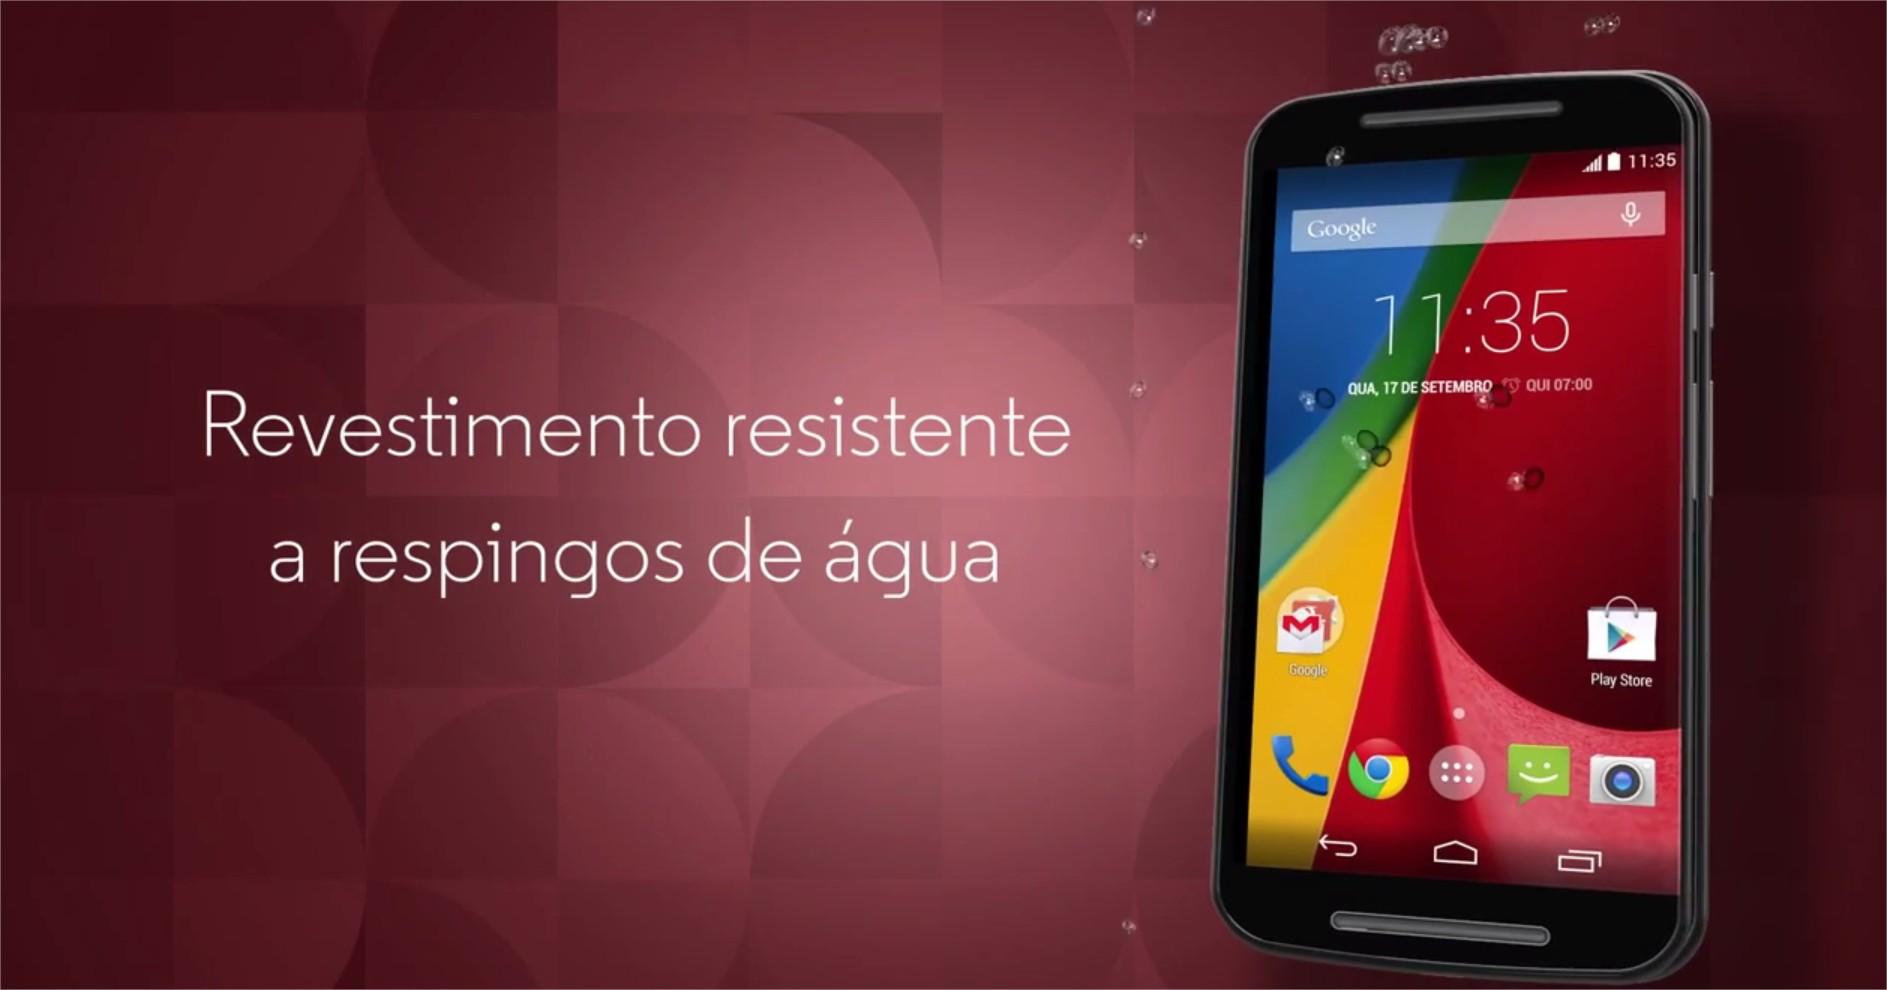 Smartphone Motorola Moto G DTV Colors 2 Geração